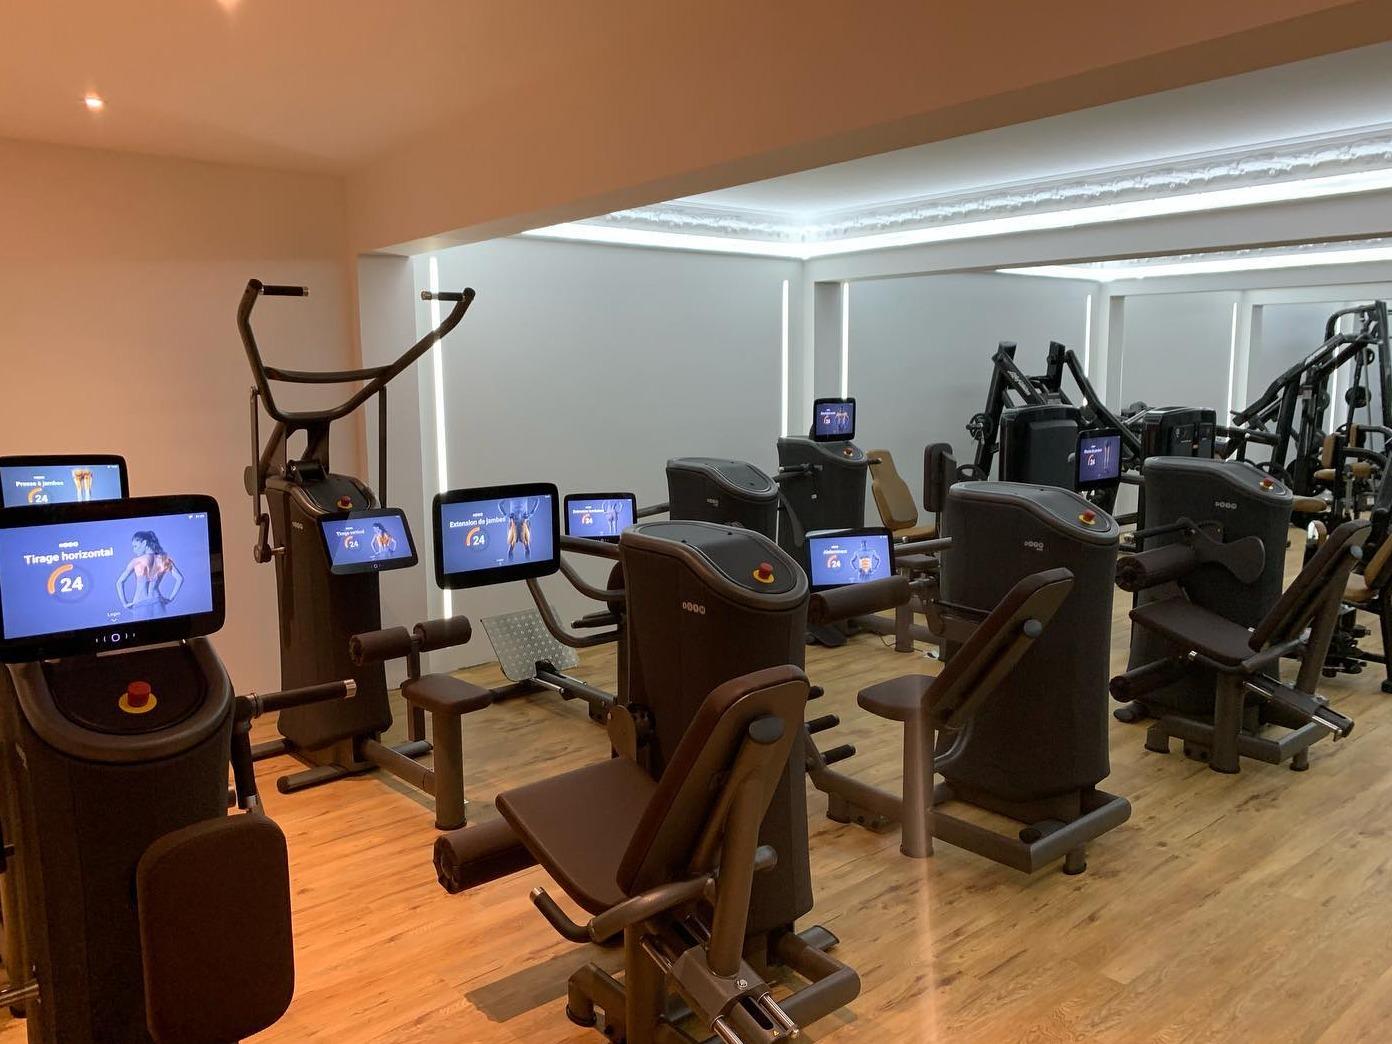 Elevate Premium Fitness Saint-Genès-0